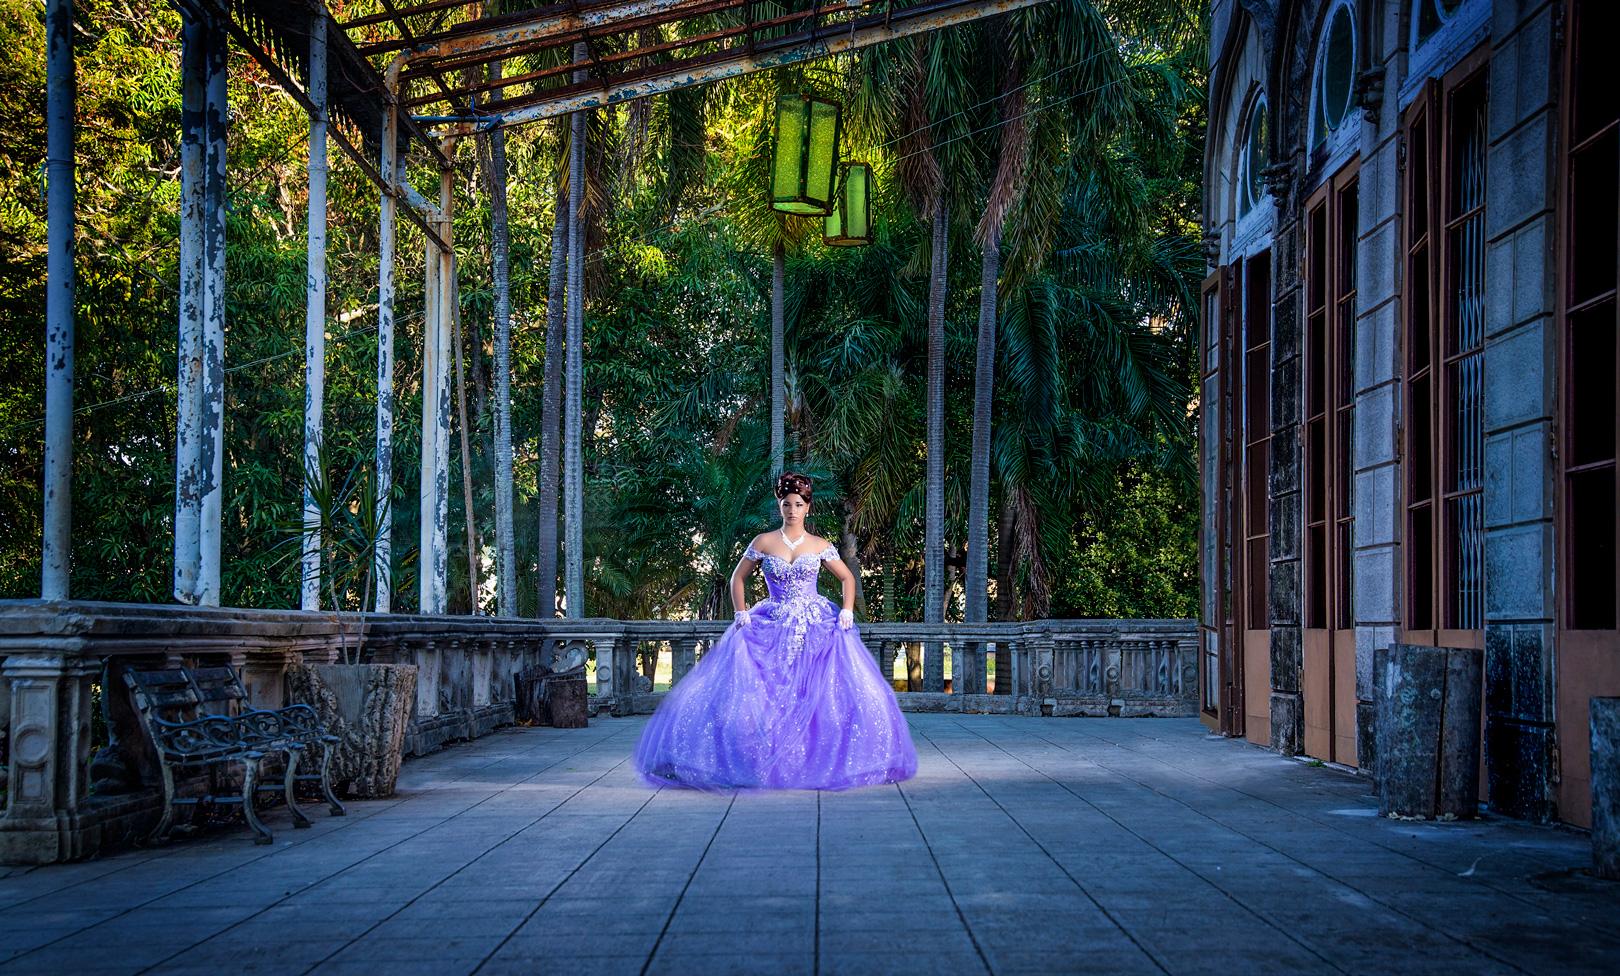 quinceañera con un traje morado fotografia de Estudios Mahe